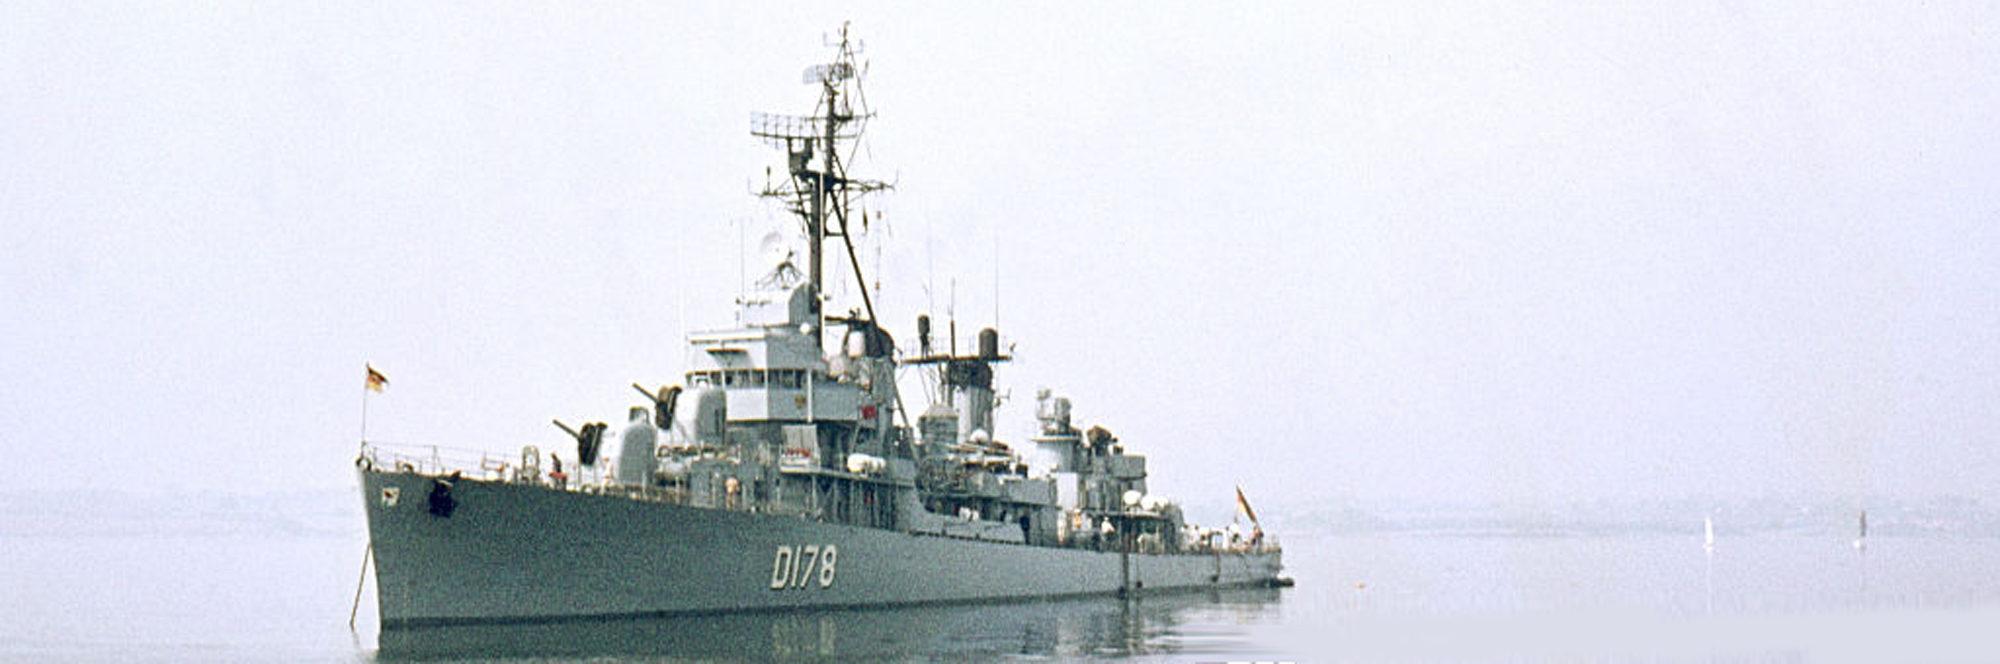 Zerstörer class destroyers (1958-72)